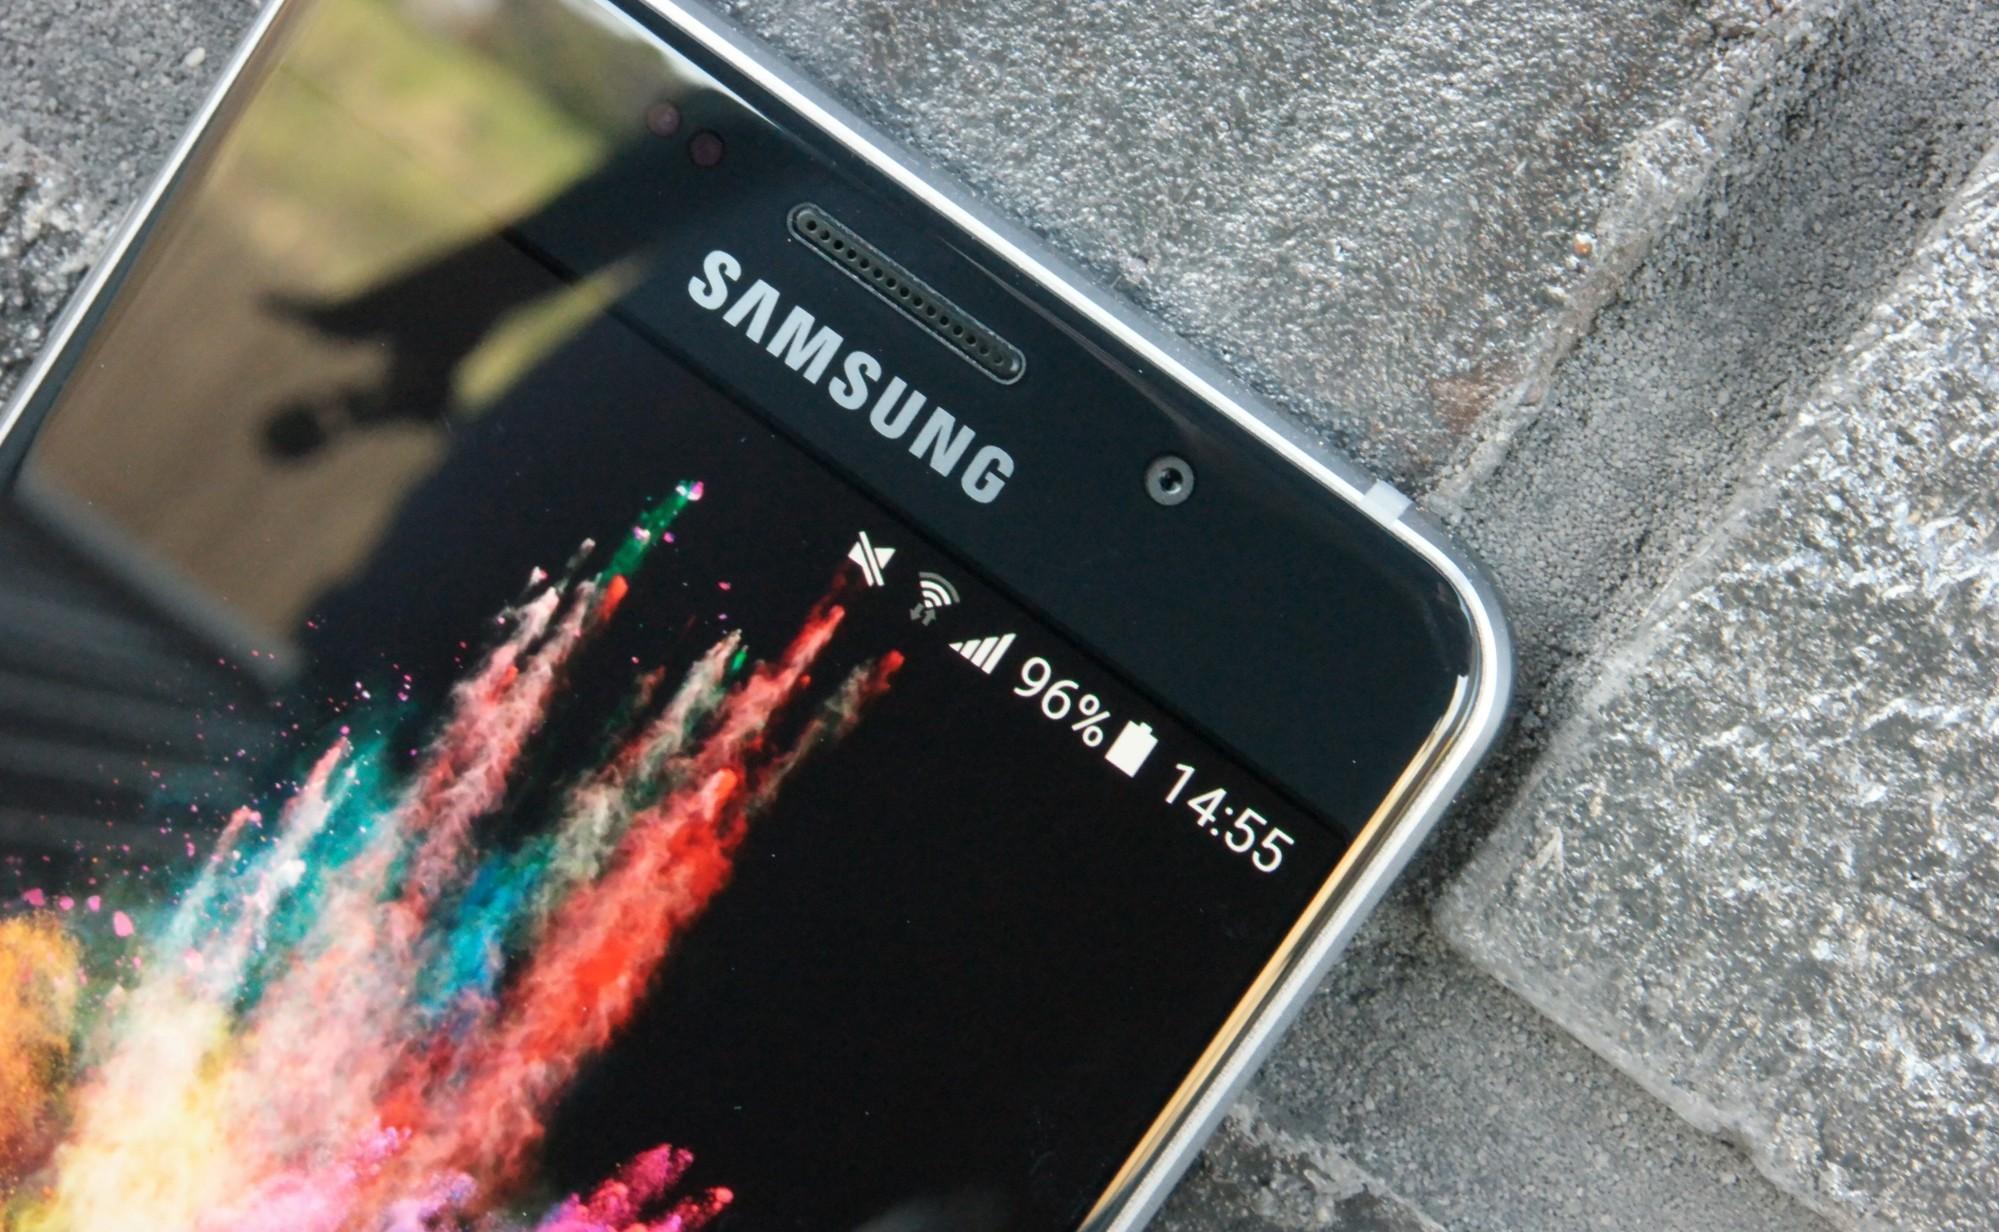 Самсунг  Galaxy A5 (2017) получит новый процессор ибольше ОЗУ